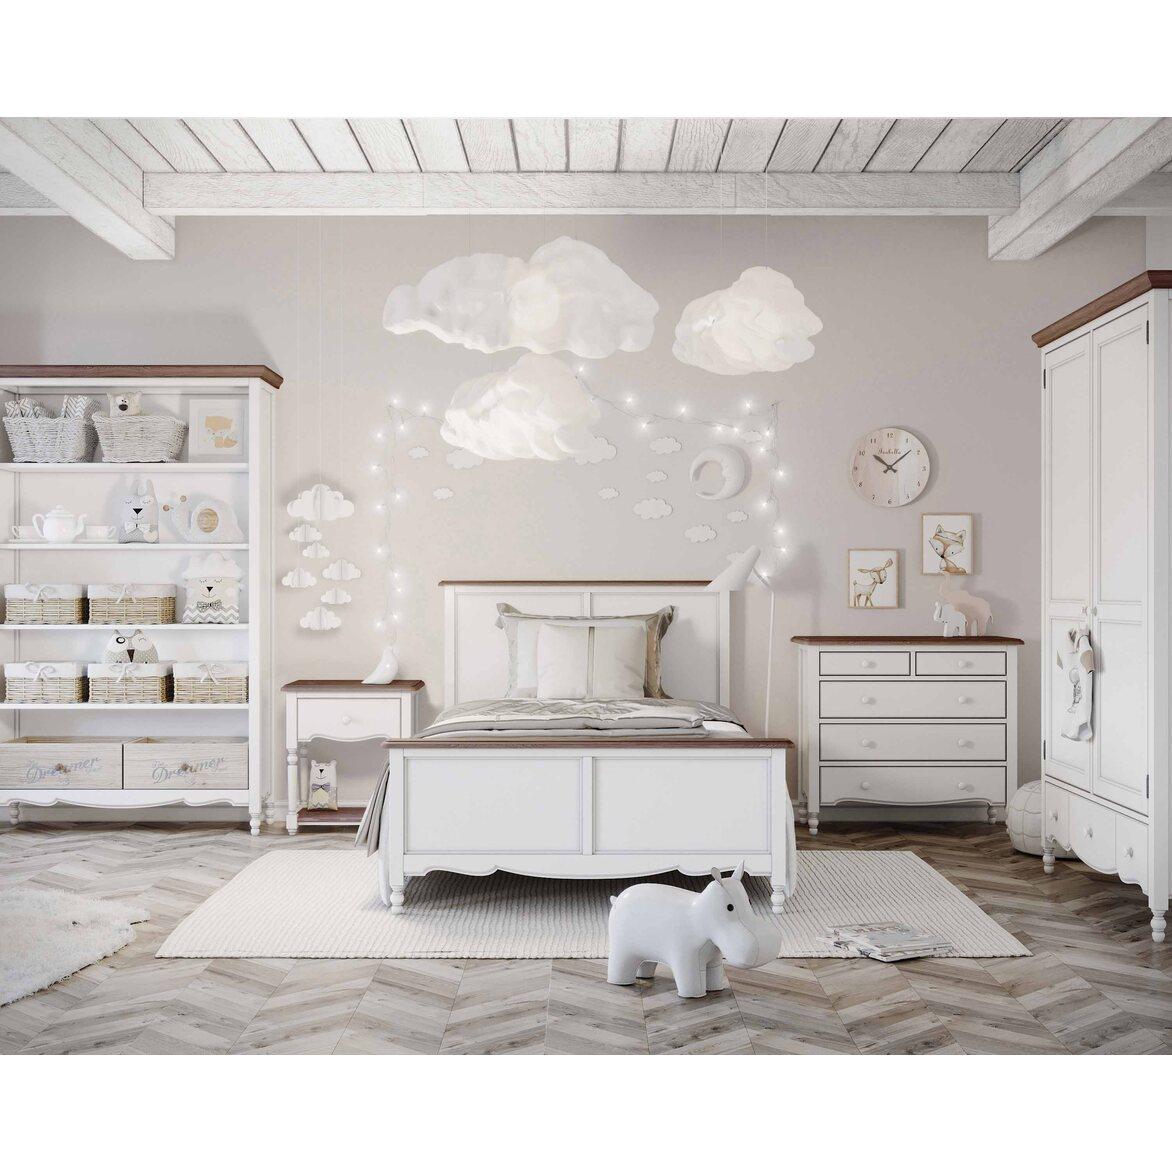 Кровать односпальная 120*200 Leblanc, белая 4 | Односпальные кровати Kingsby